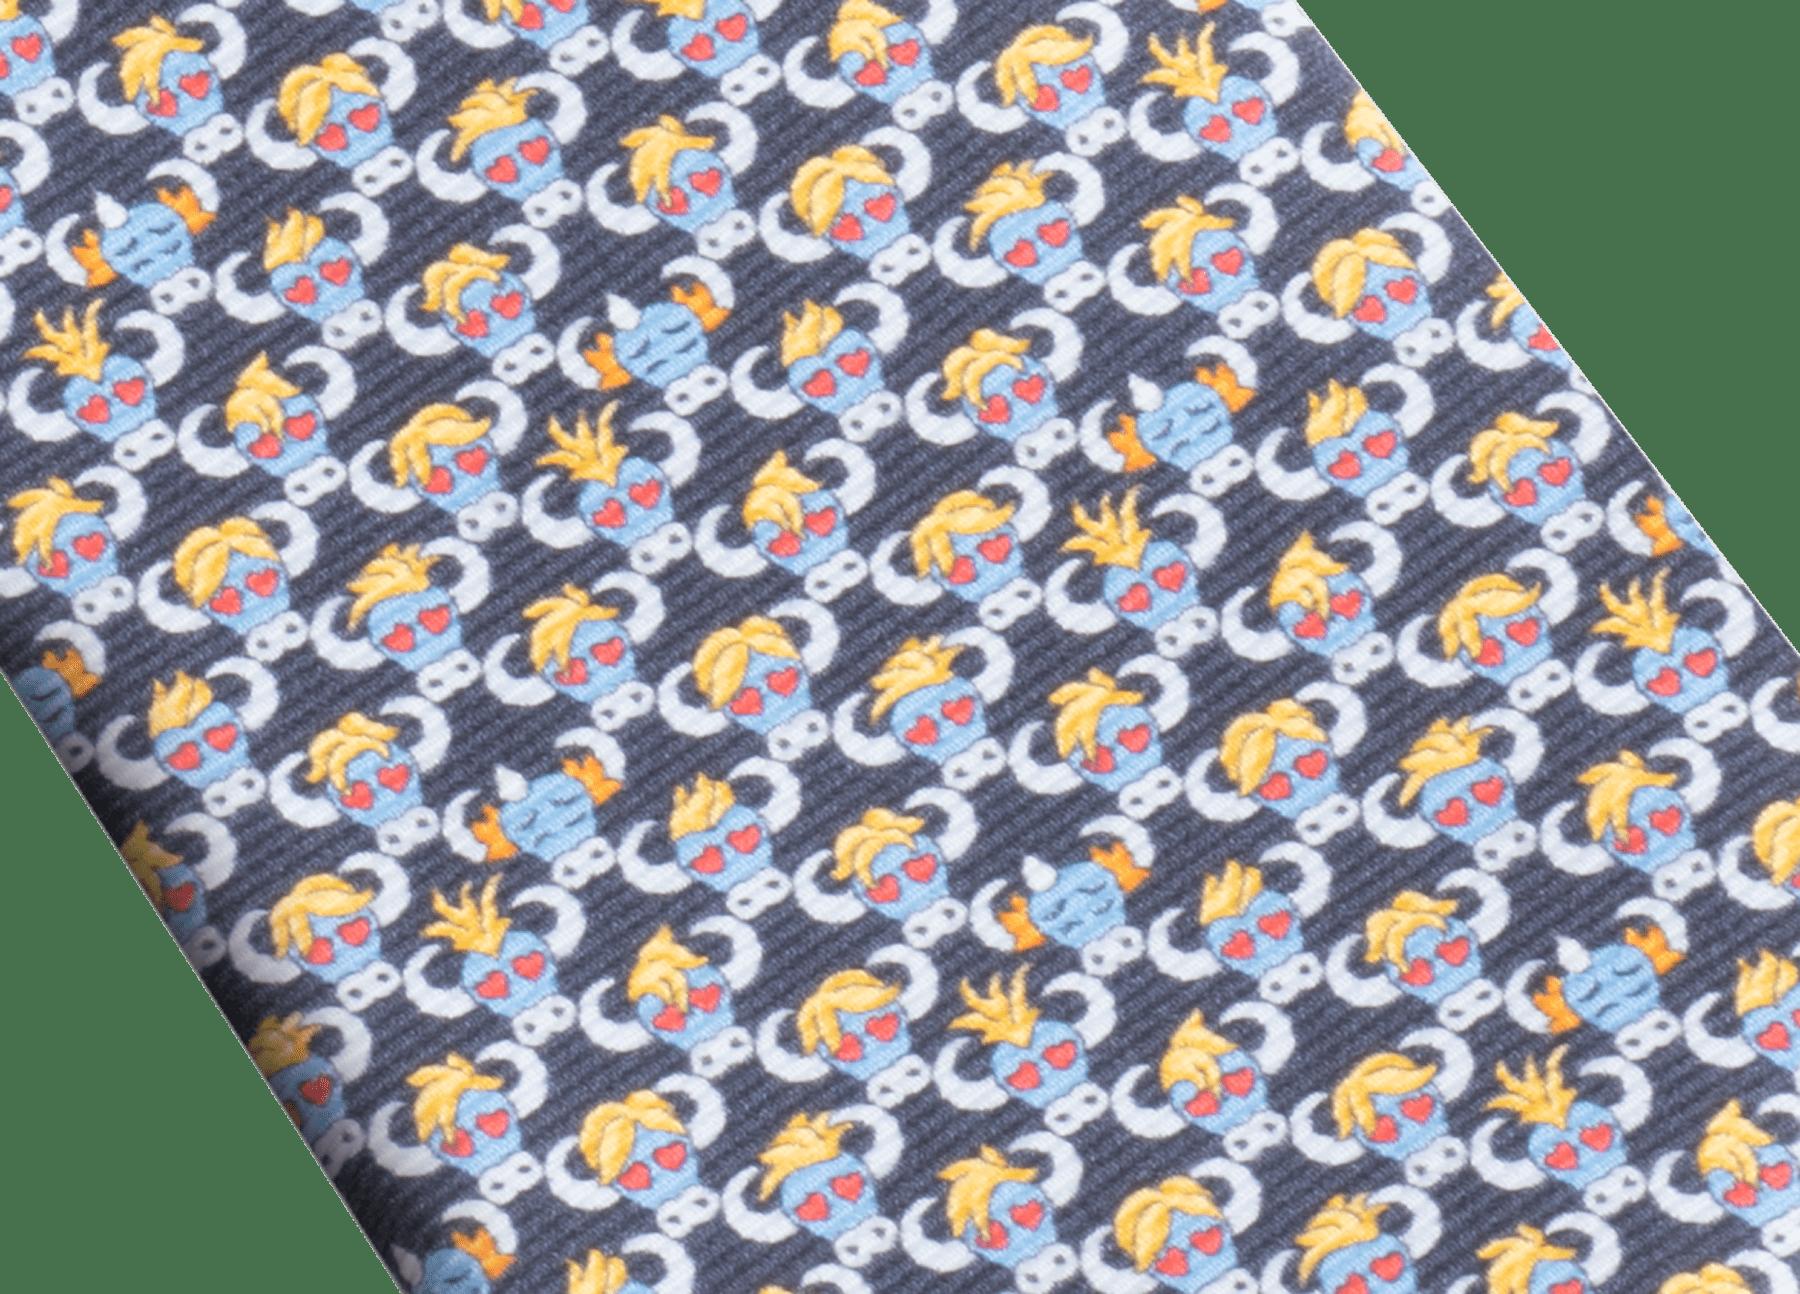 イエローの「ソキシャル」セブンフォールドタイ。上質なサリオーネシルク製。 SOXIAL image 2